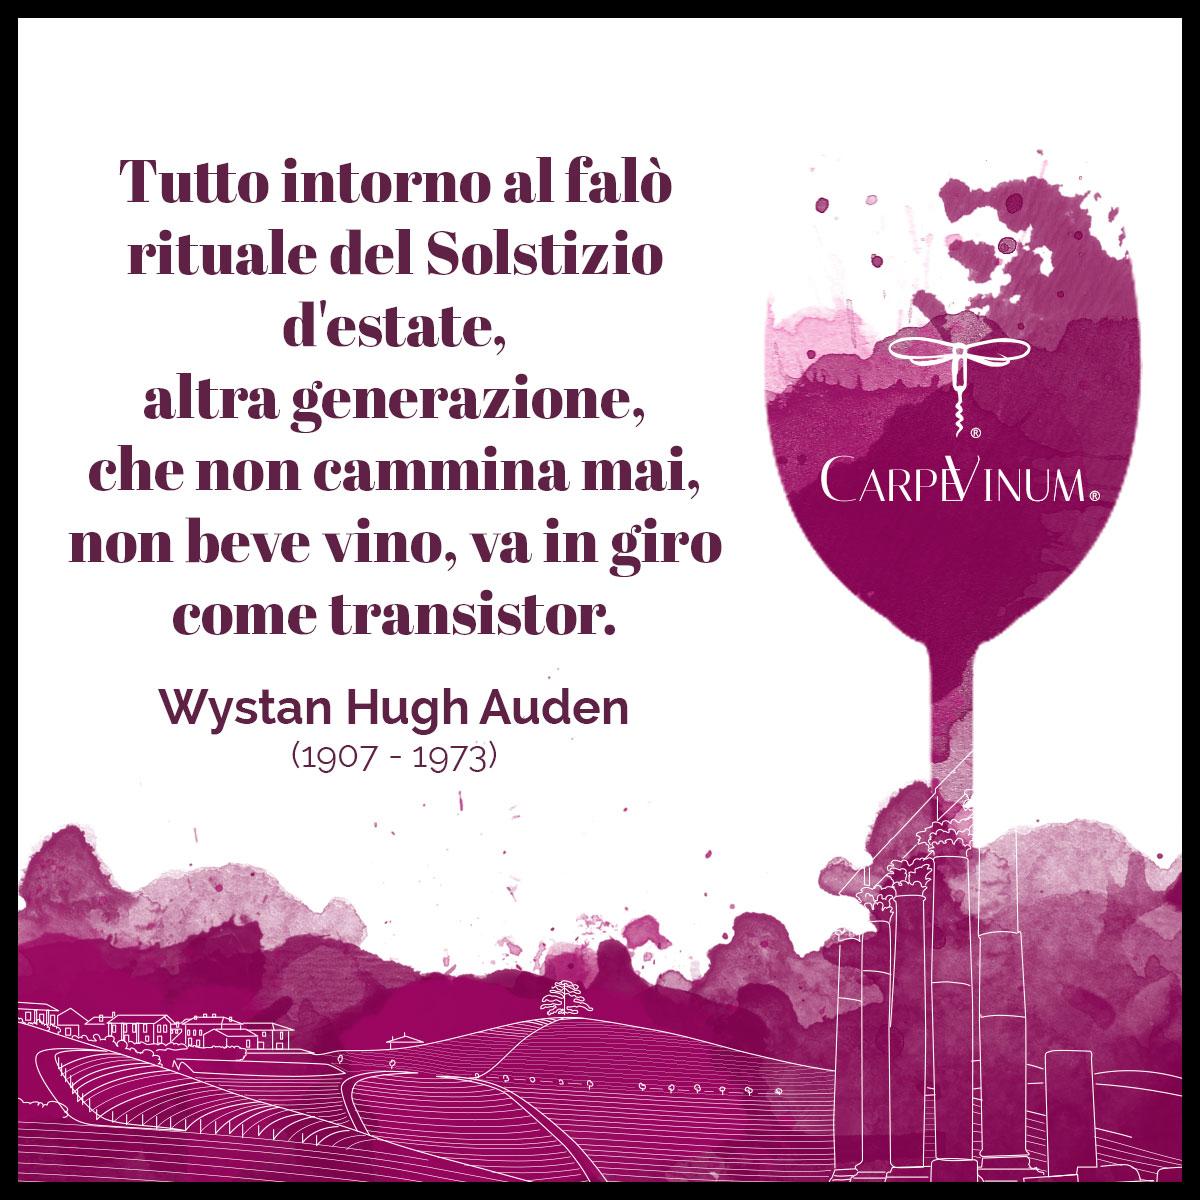 citazione Wystan Hugh Auden - Tutto intorno al falò rituale del Solstizio d'estate